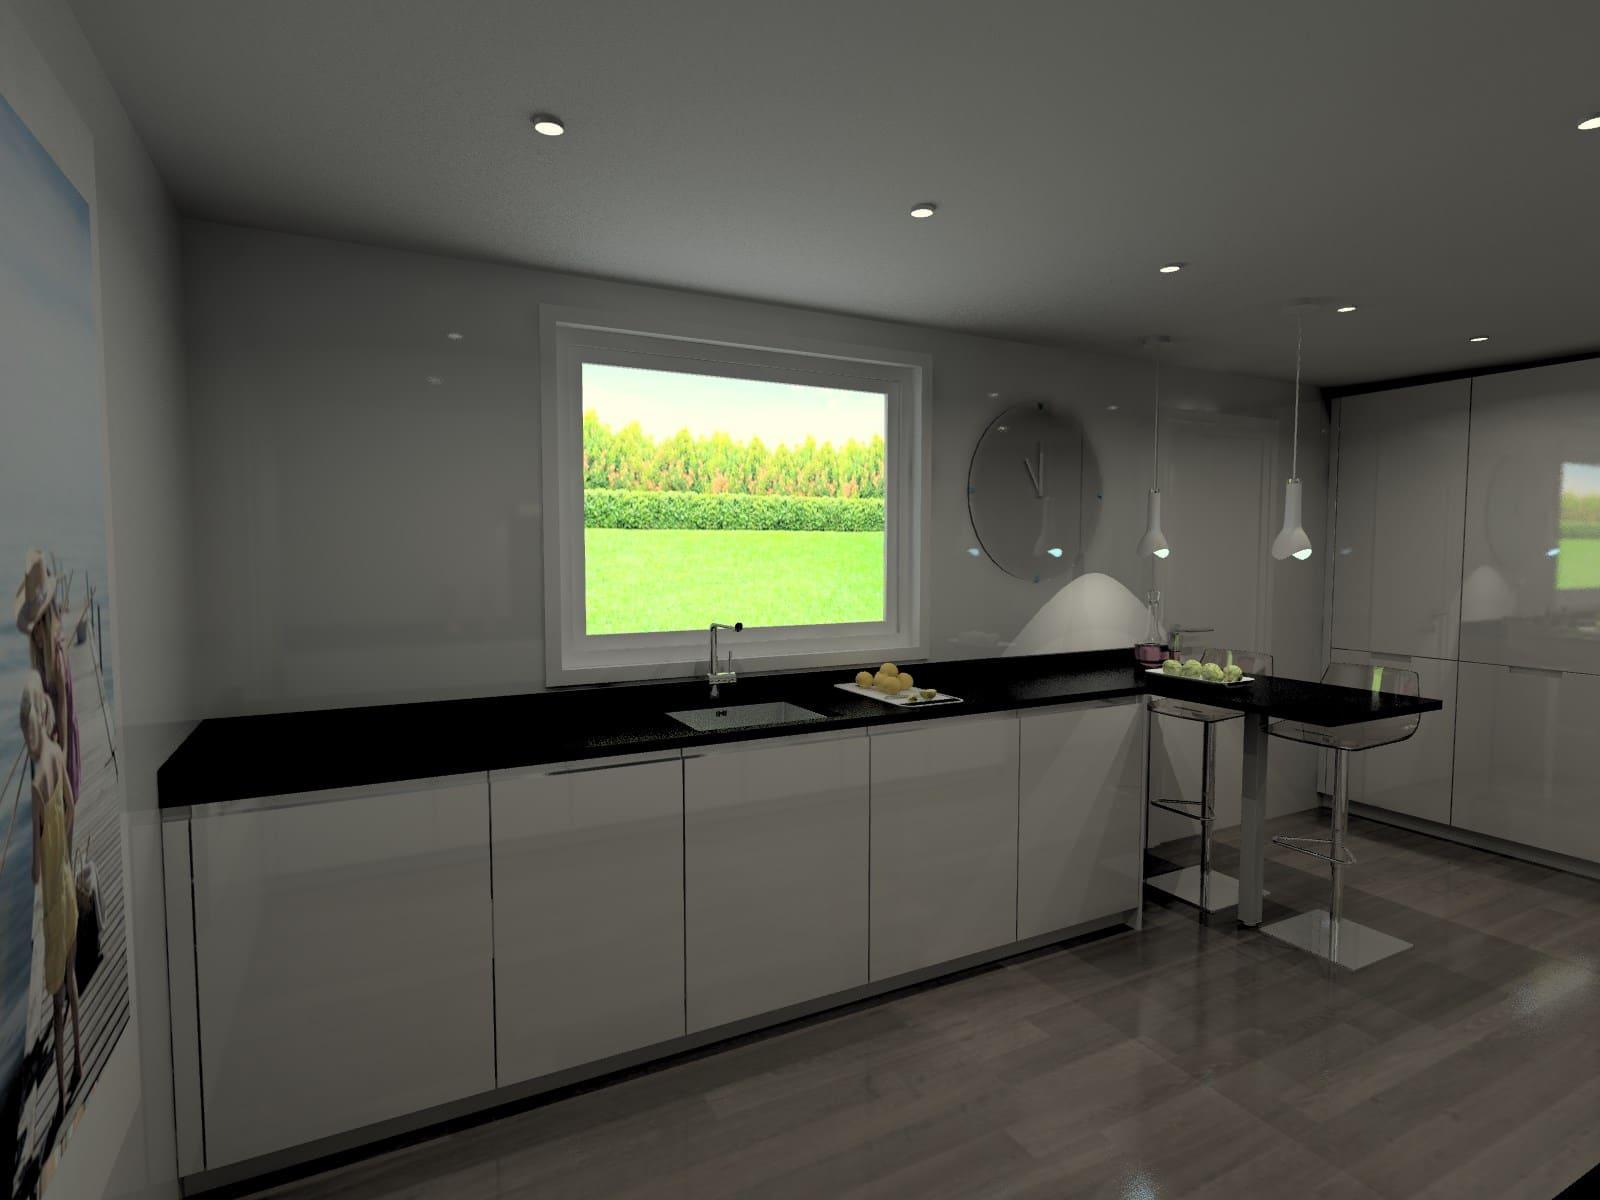 Oferta muebles de cocina artycocina for Ofertas muebles de cocina